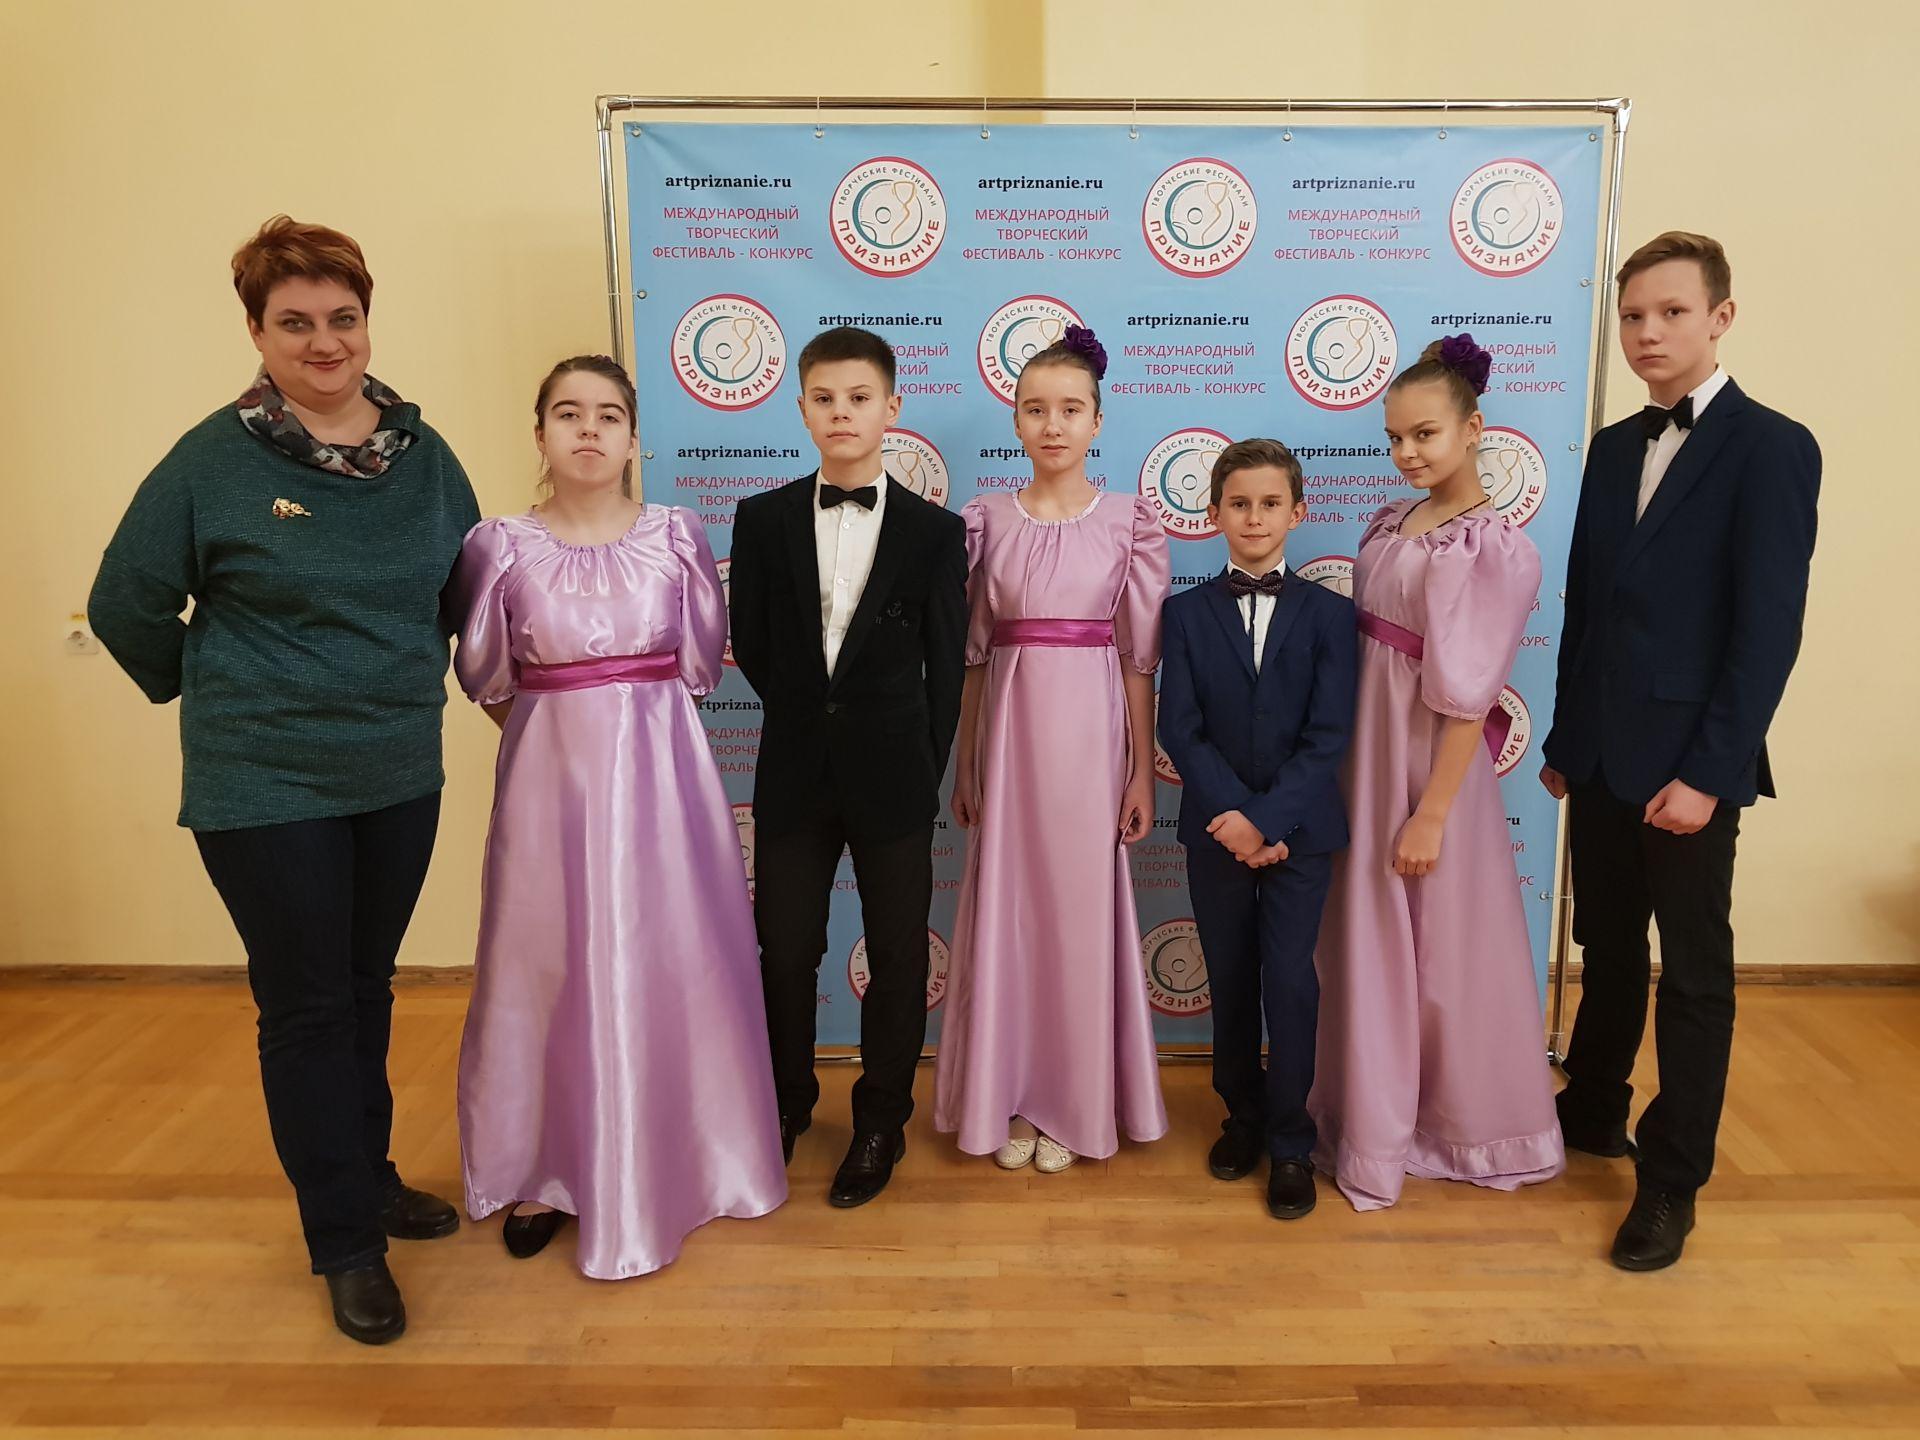 Юные новочеркасские артисты «Театра Сказок» стали лауреатами международного конкурса